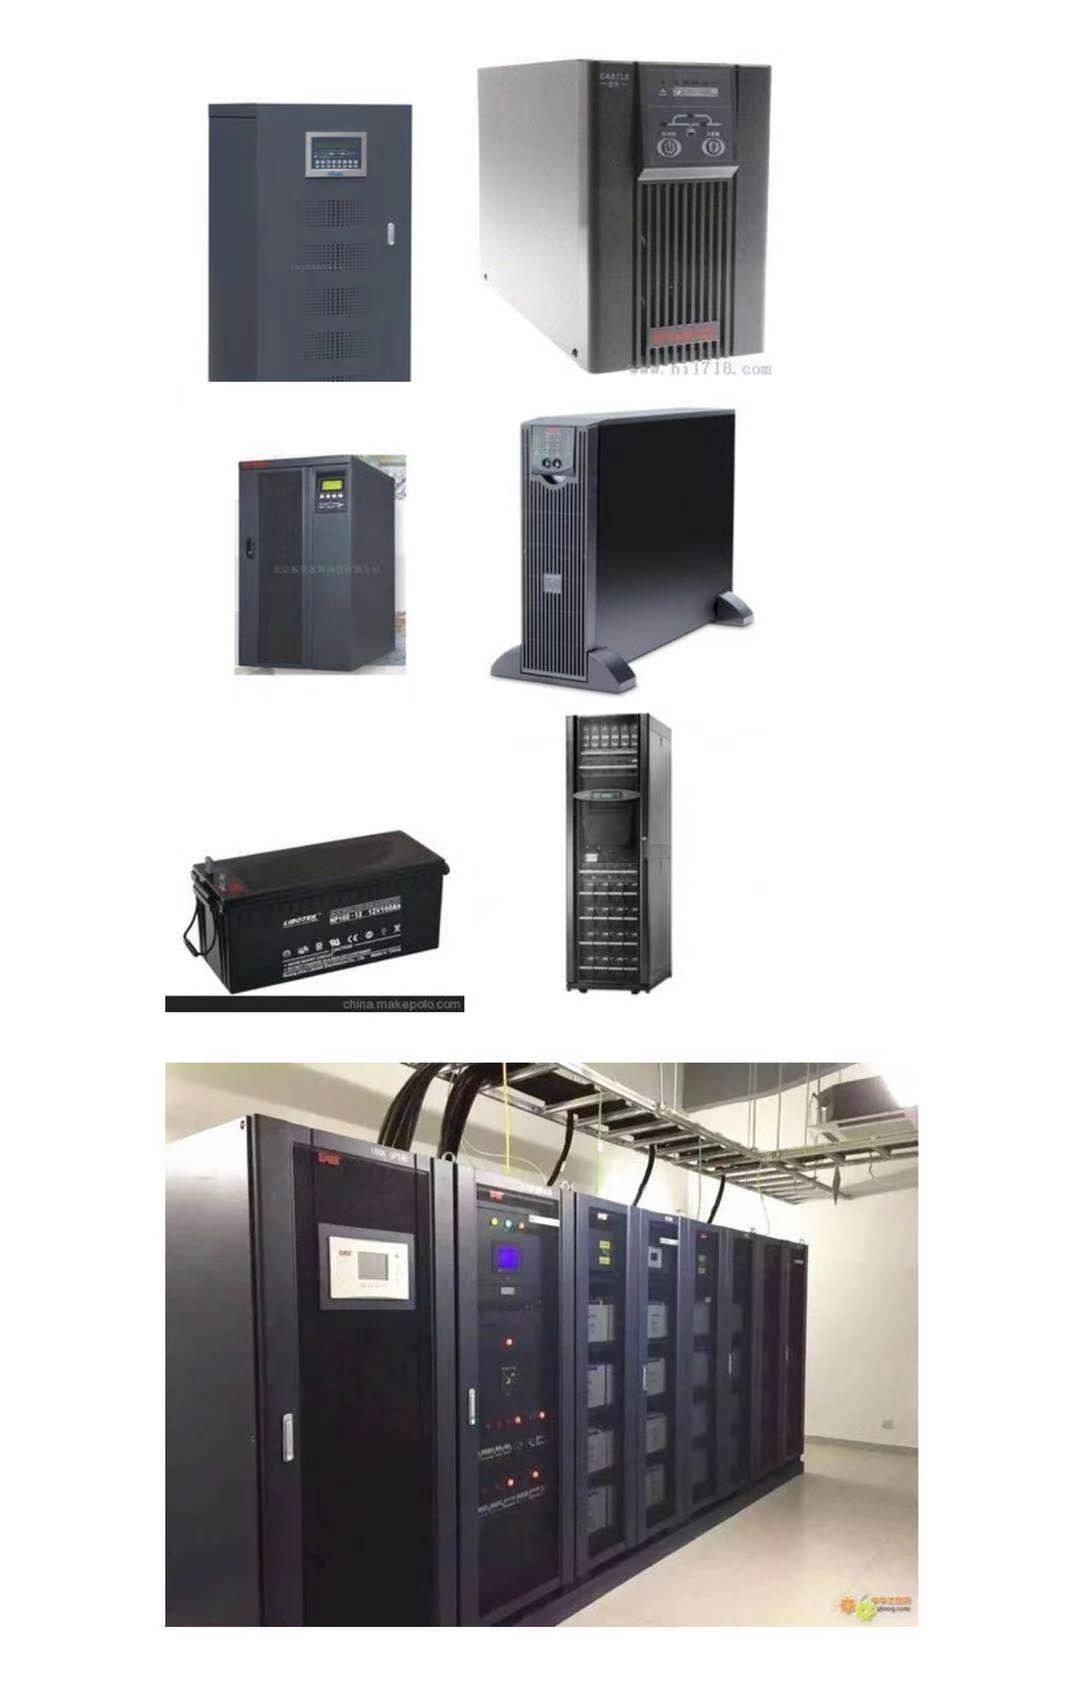 山特UPS电源及松下蓄电池